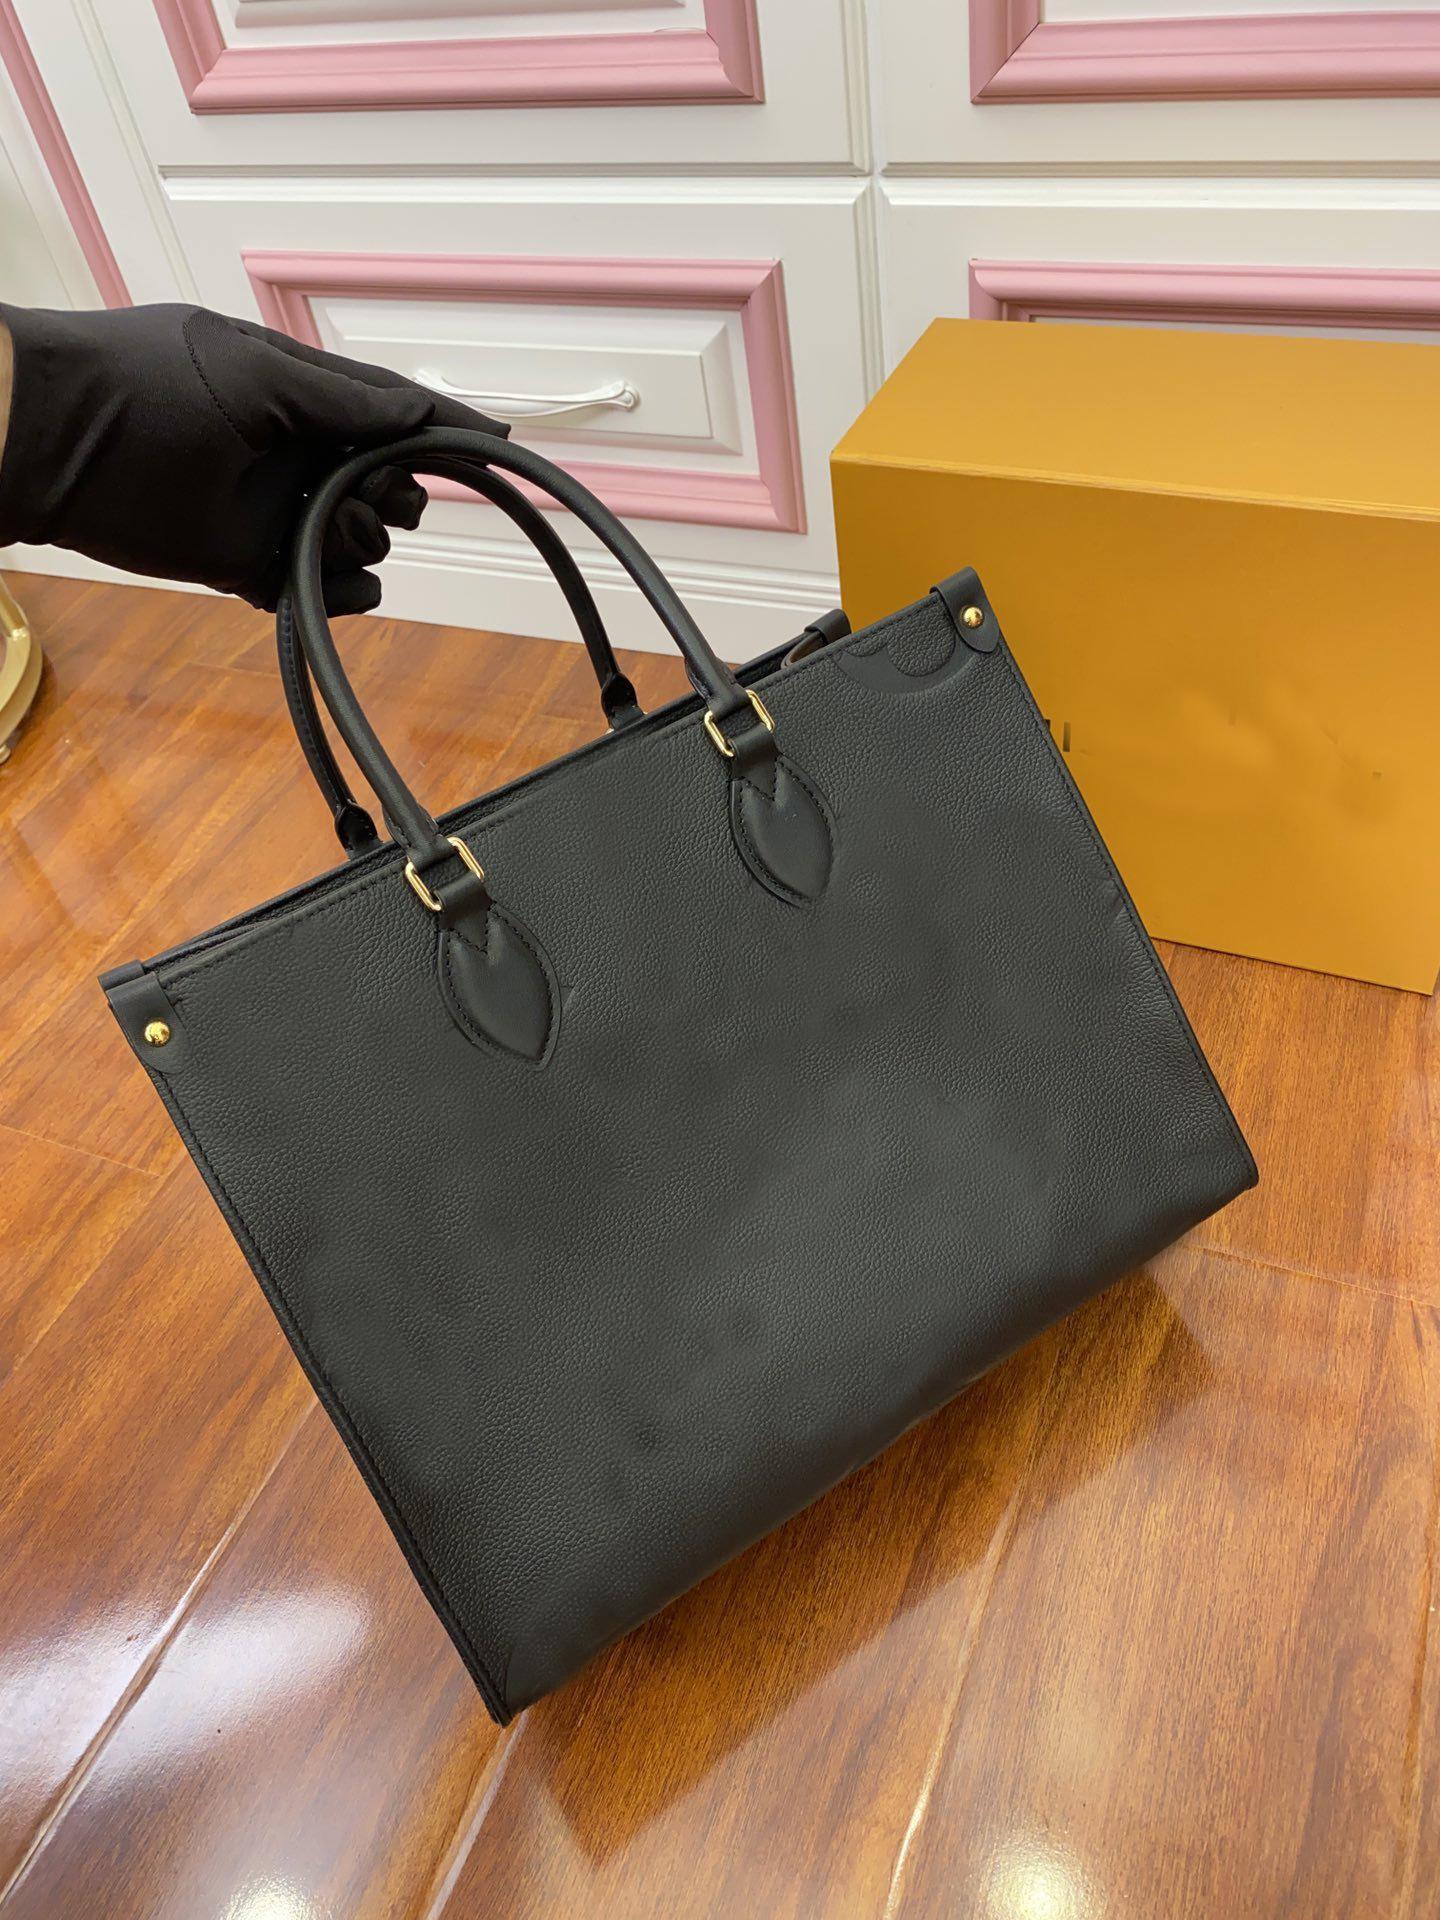 Moda onthego m44925 m44926 mulheres luxurys designers sacos genuínos bolsas de couro mensageiro crossbody bolsa de ombro totes carteira